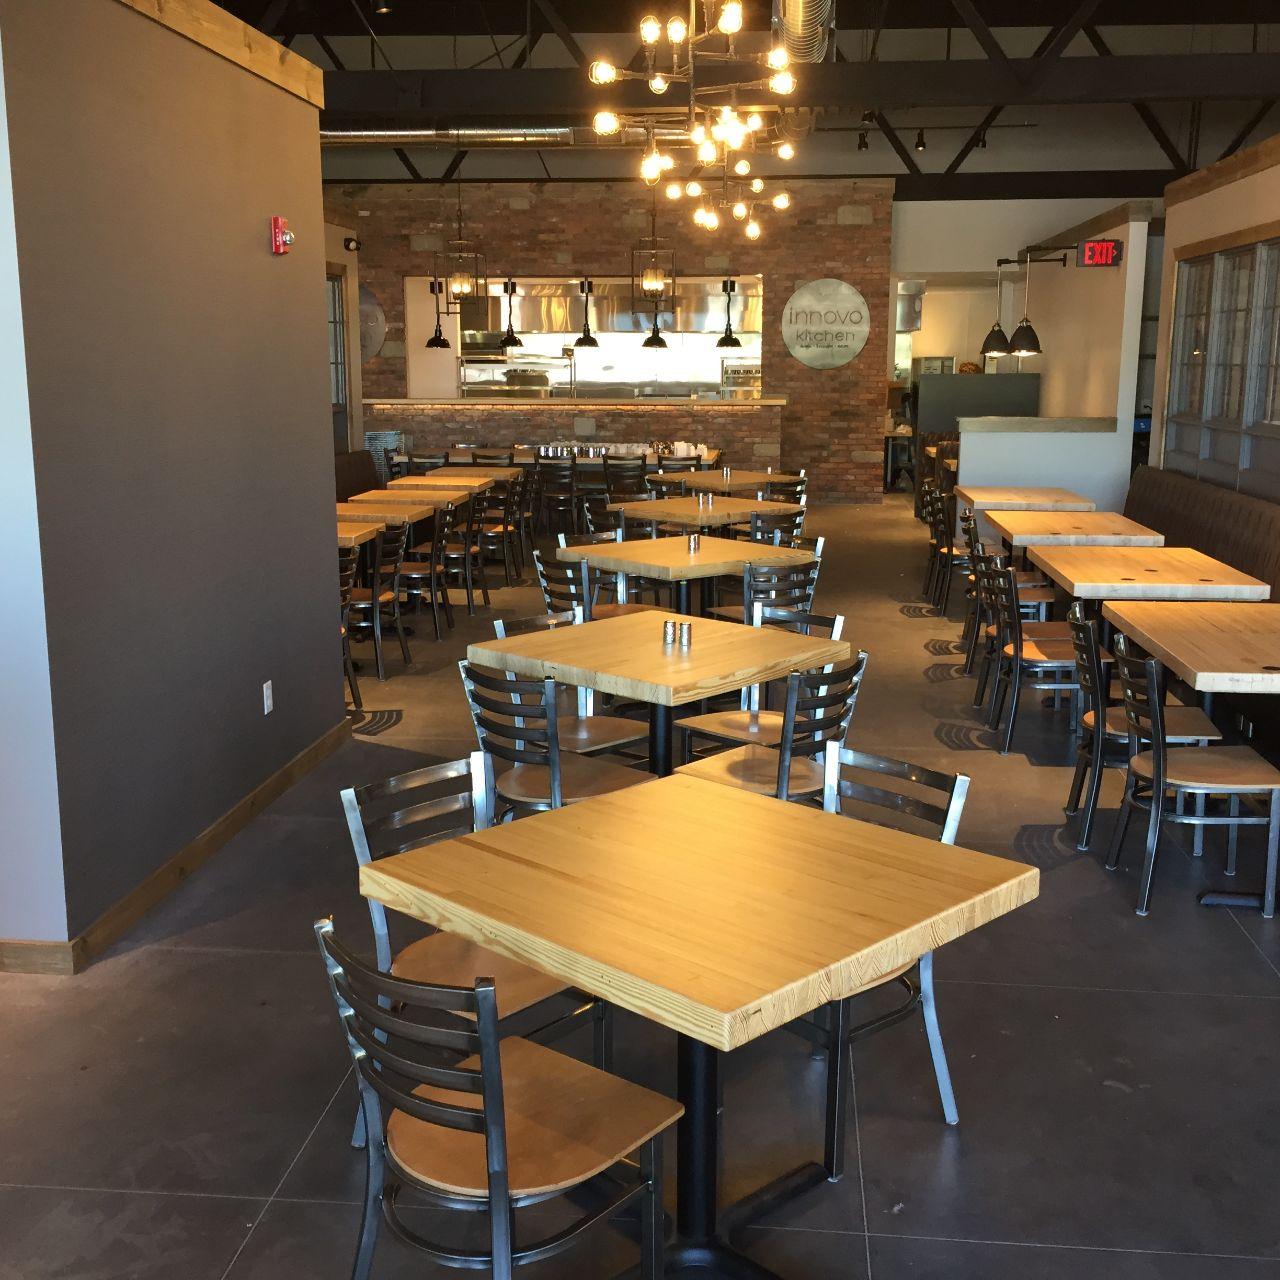 Innovo Kitchen Restaurant Latham Ny Opentable